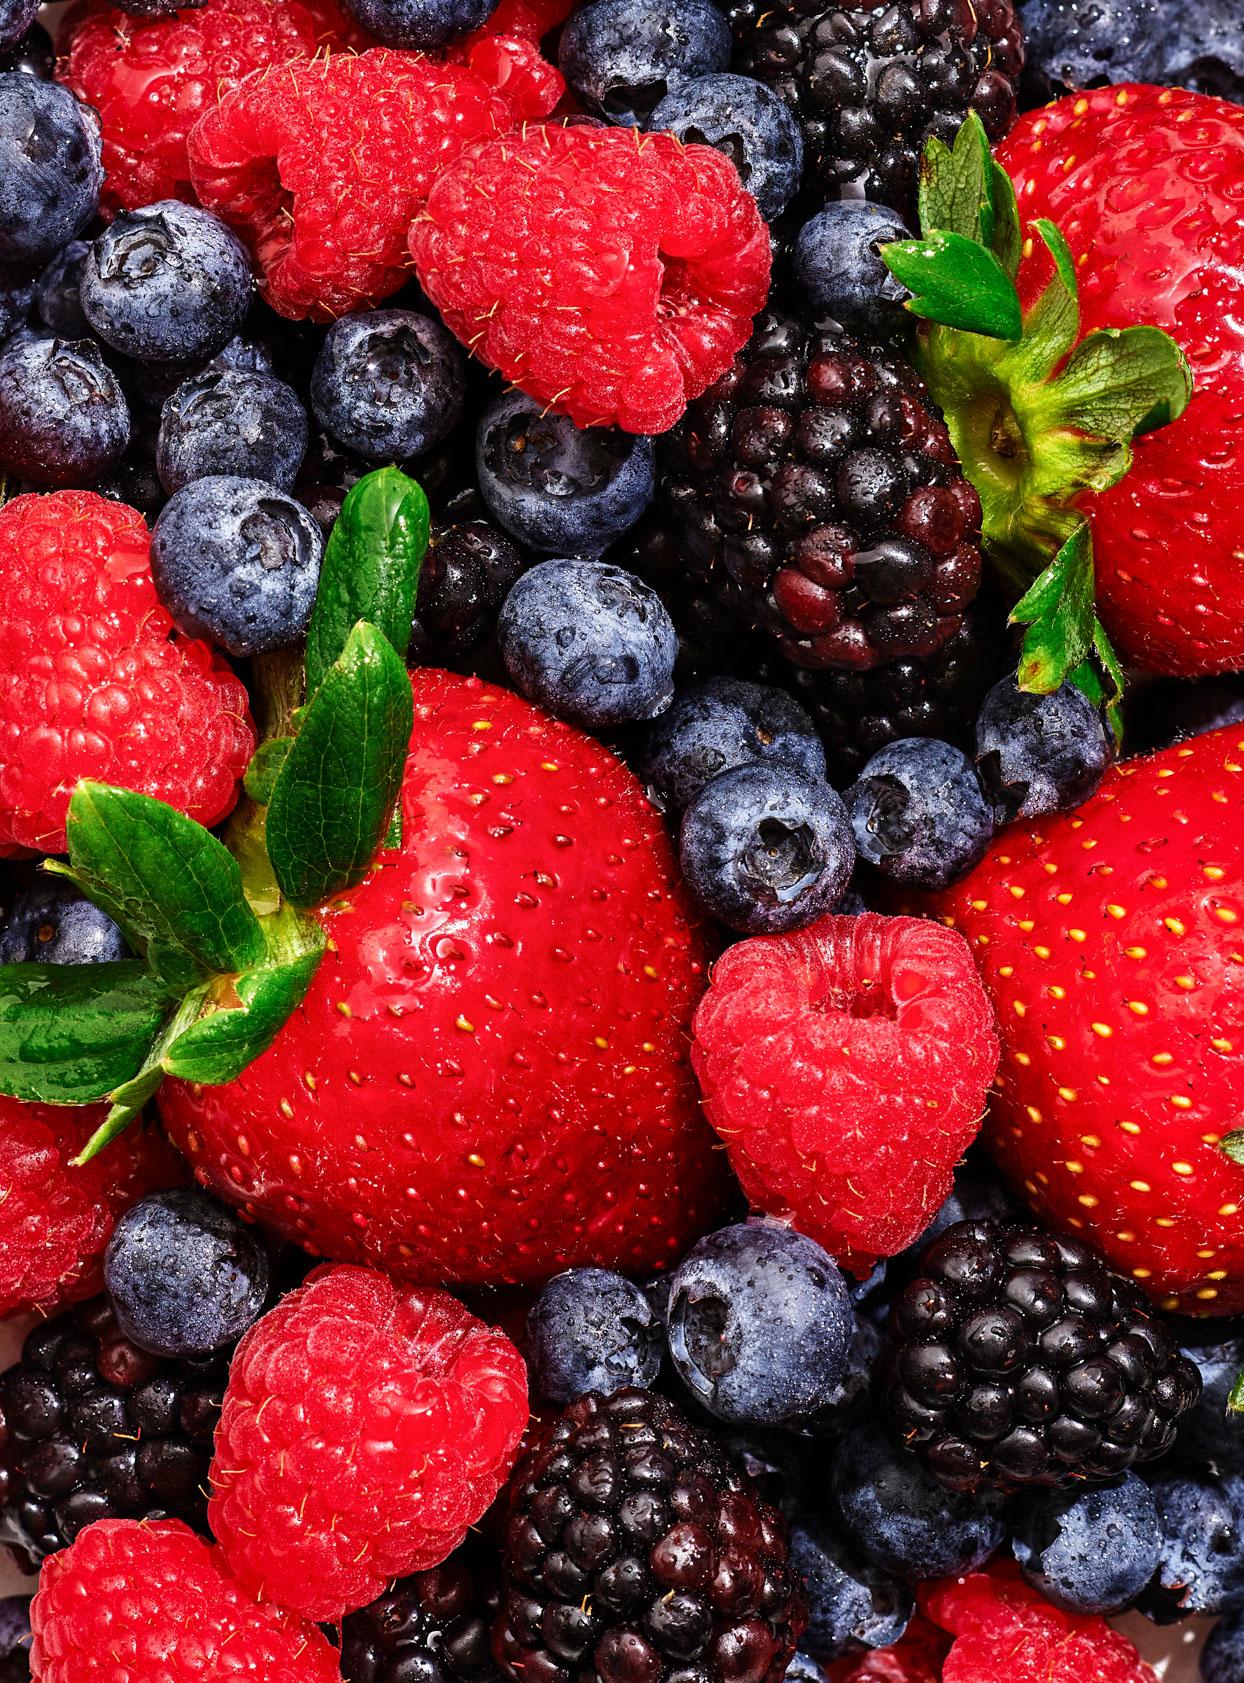 assorted raspberries, strawberries, blackberries, and blueberries